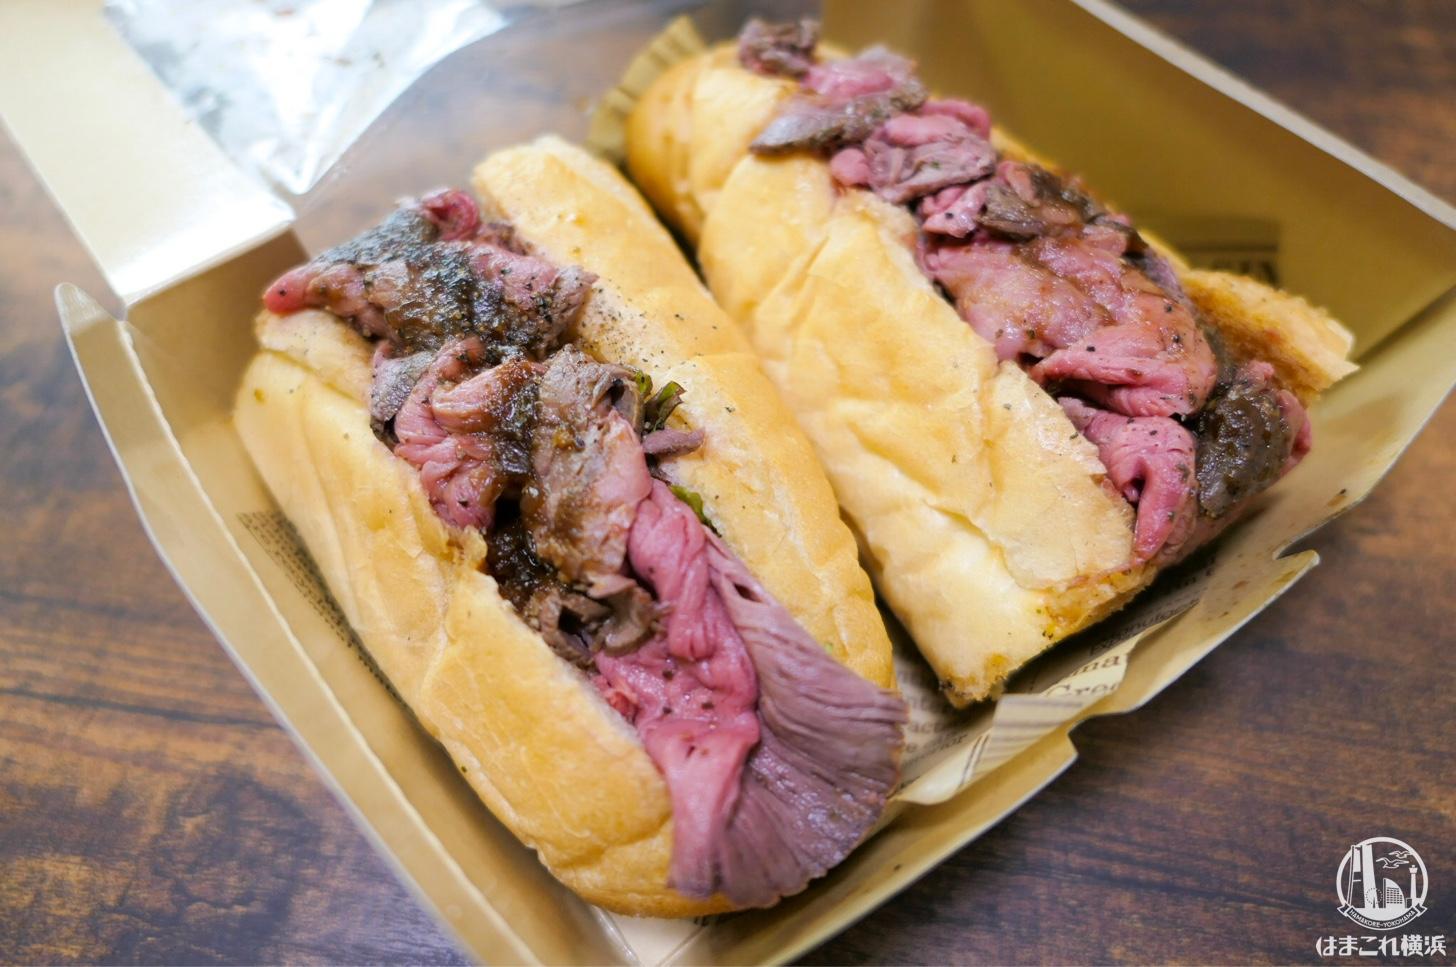 ニックストックの横浜限定「ローストビーフサンド」が旨い肉だらけでリピ確実!